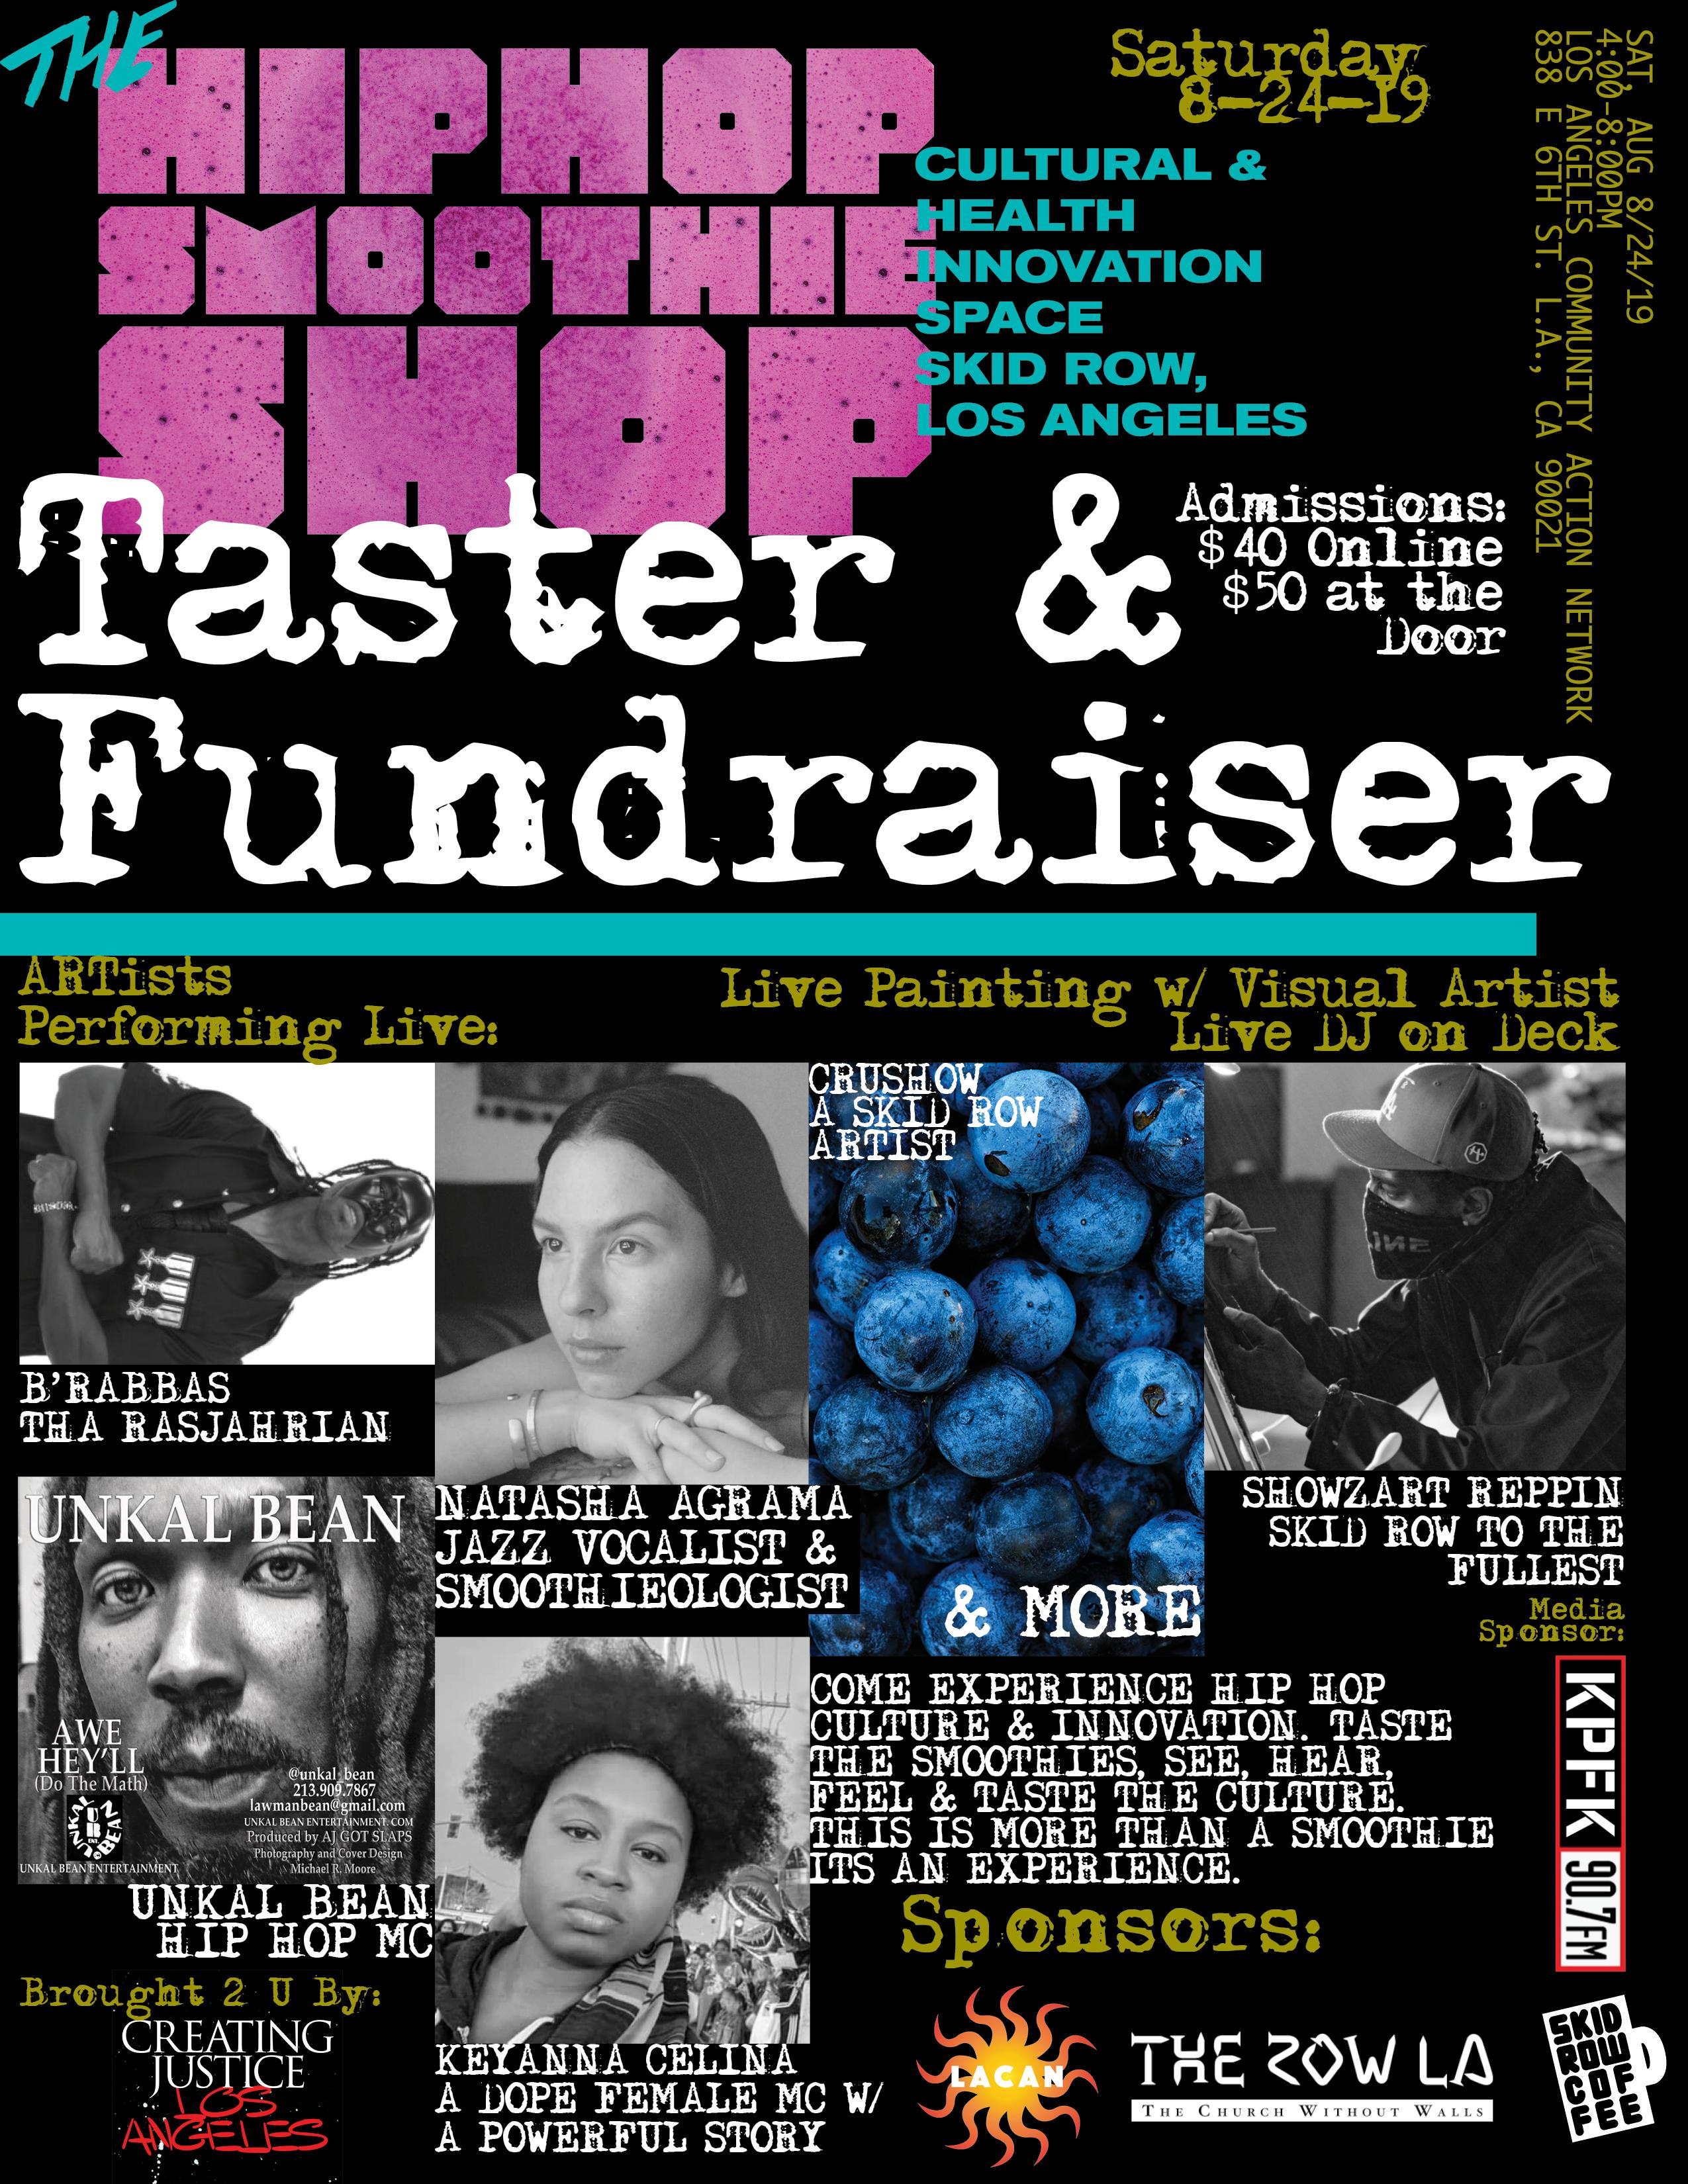 THHSS_Taster_FundraiserFlyer_Final3_080719.jpg